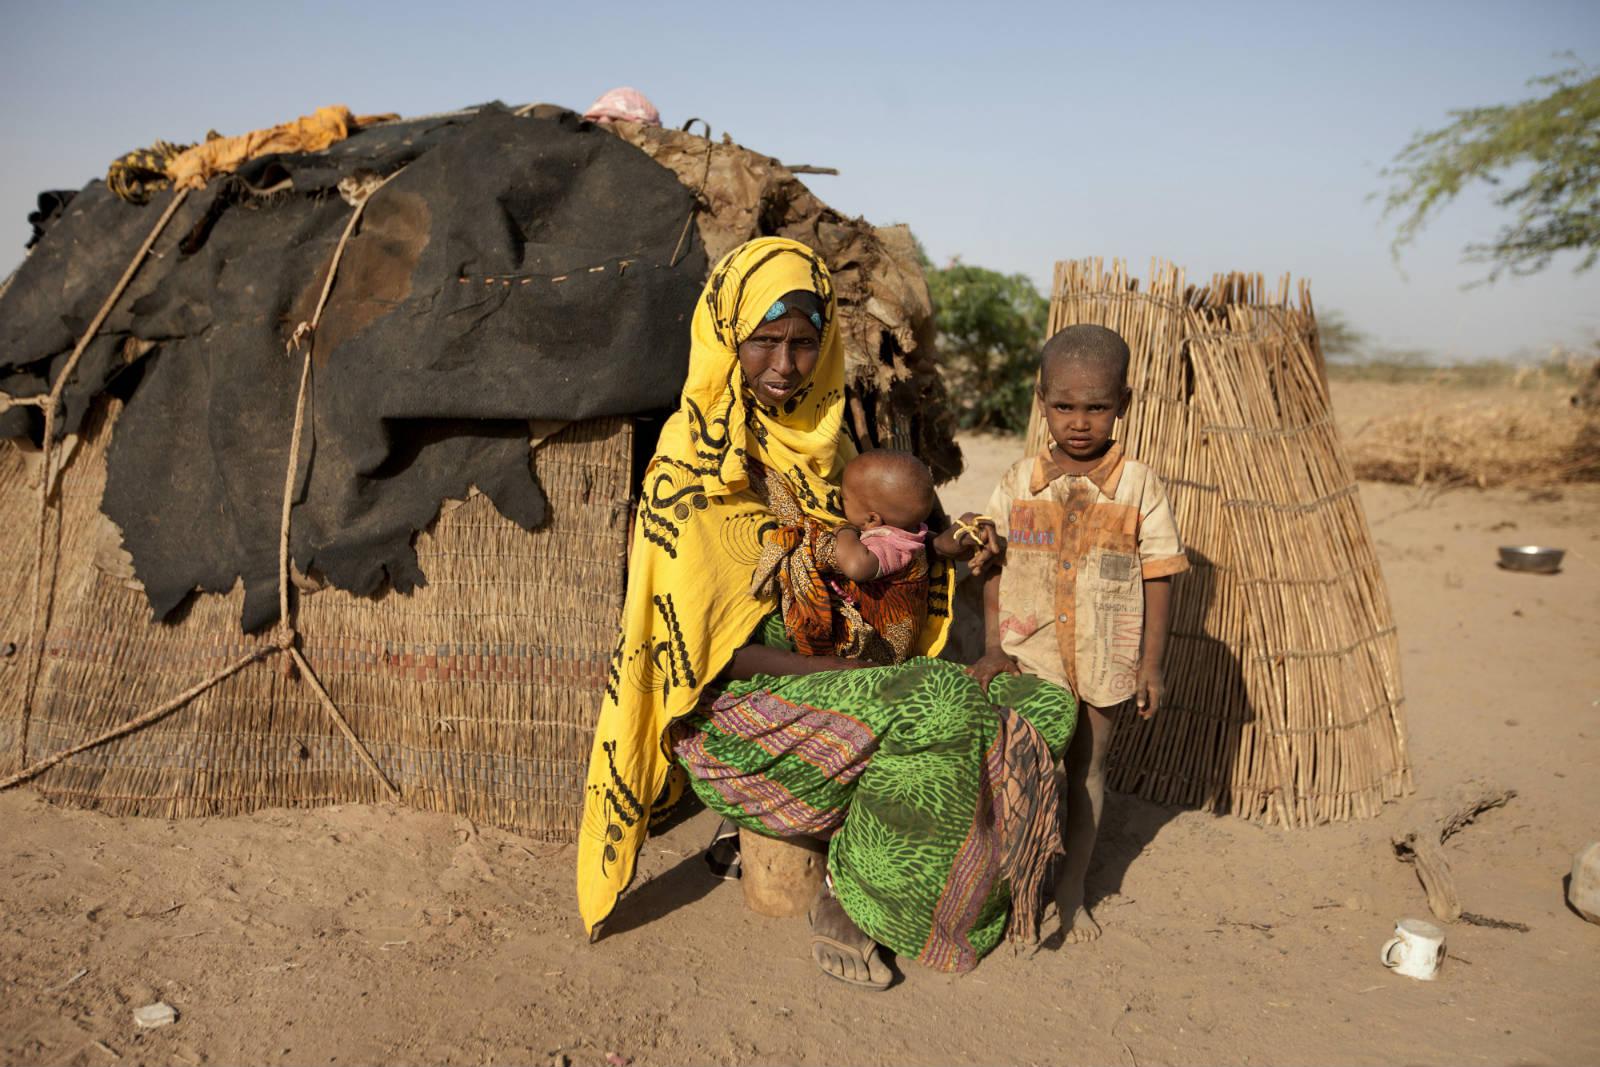 小農供應了全球七至八成的糧食,不少小農自己卻陷於飢餓。